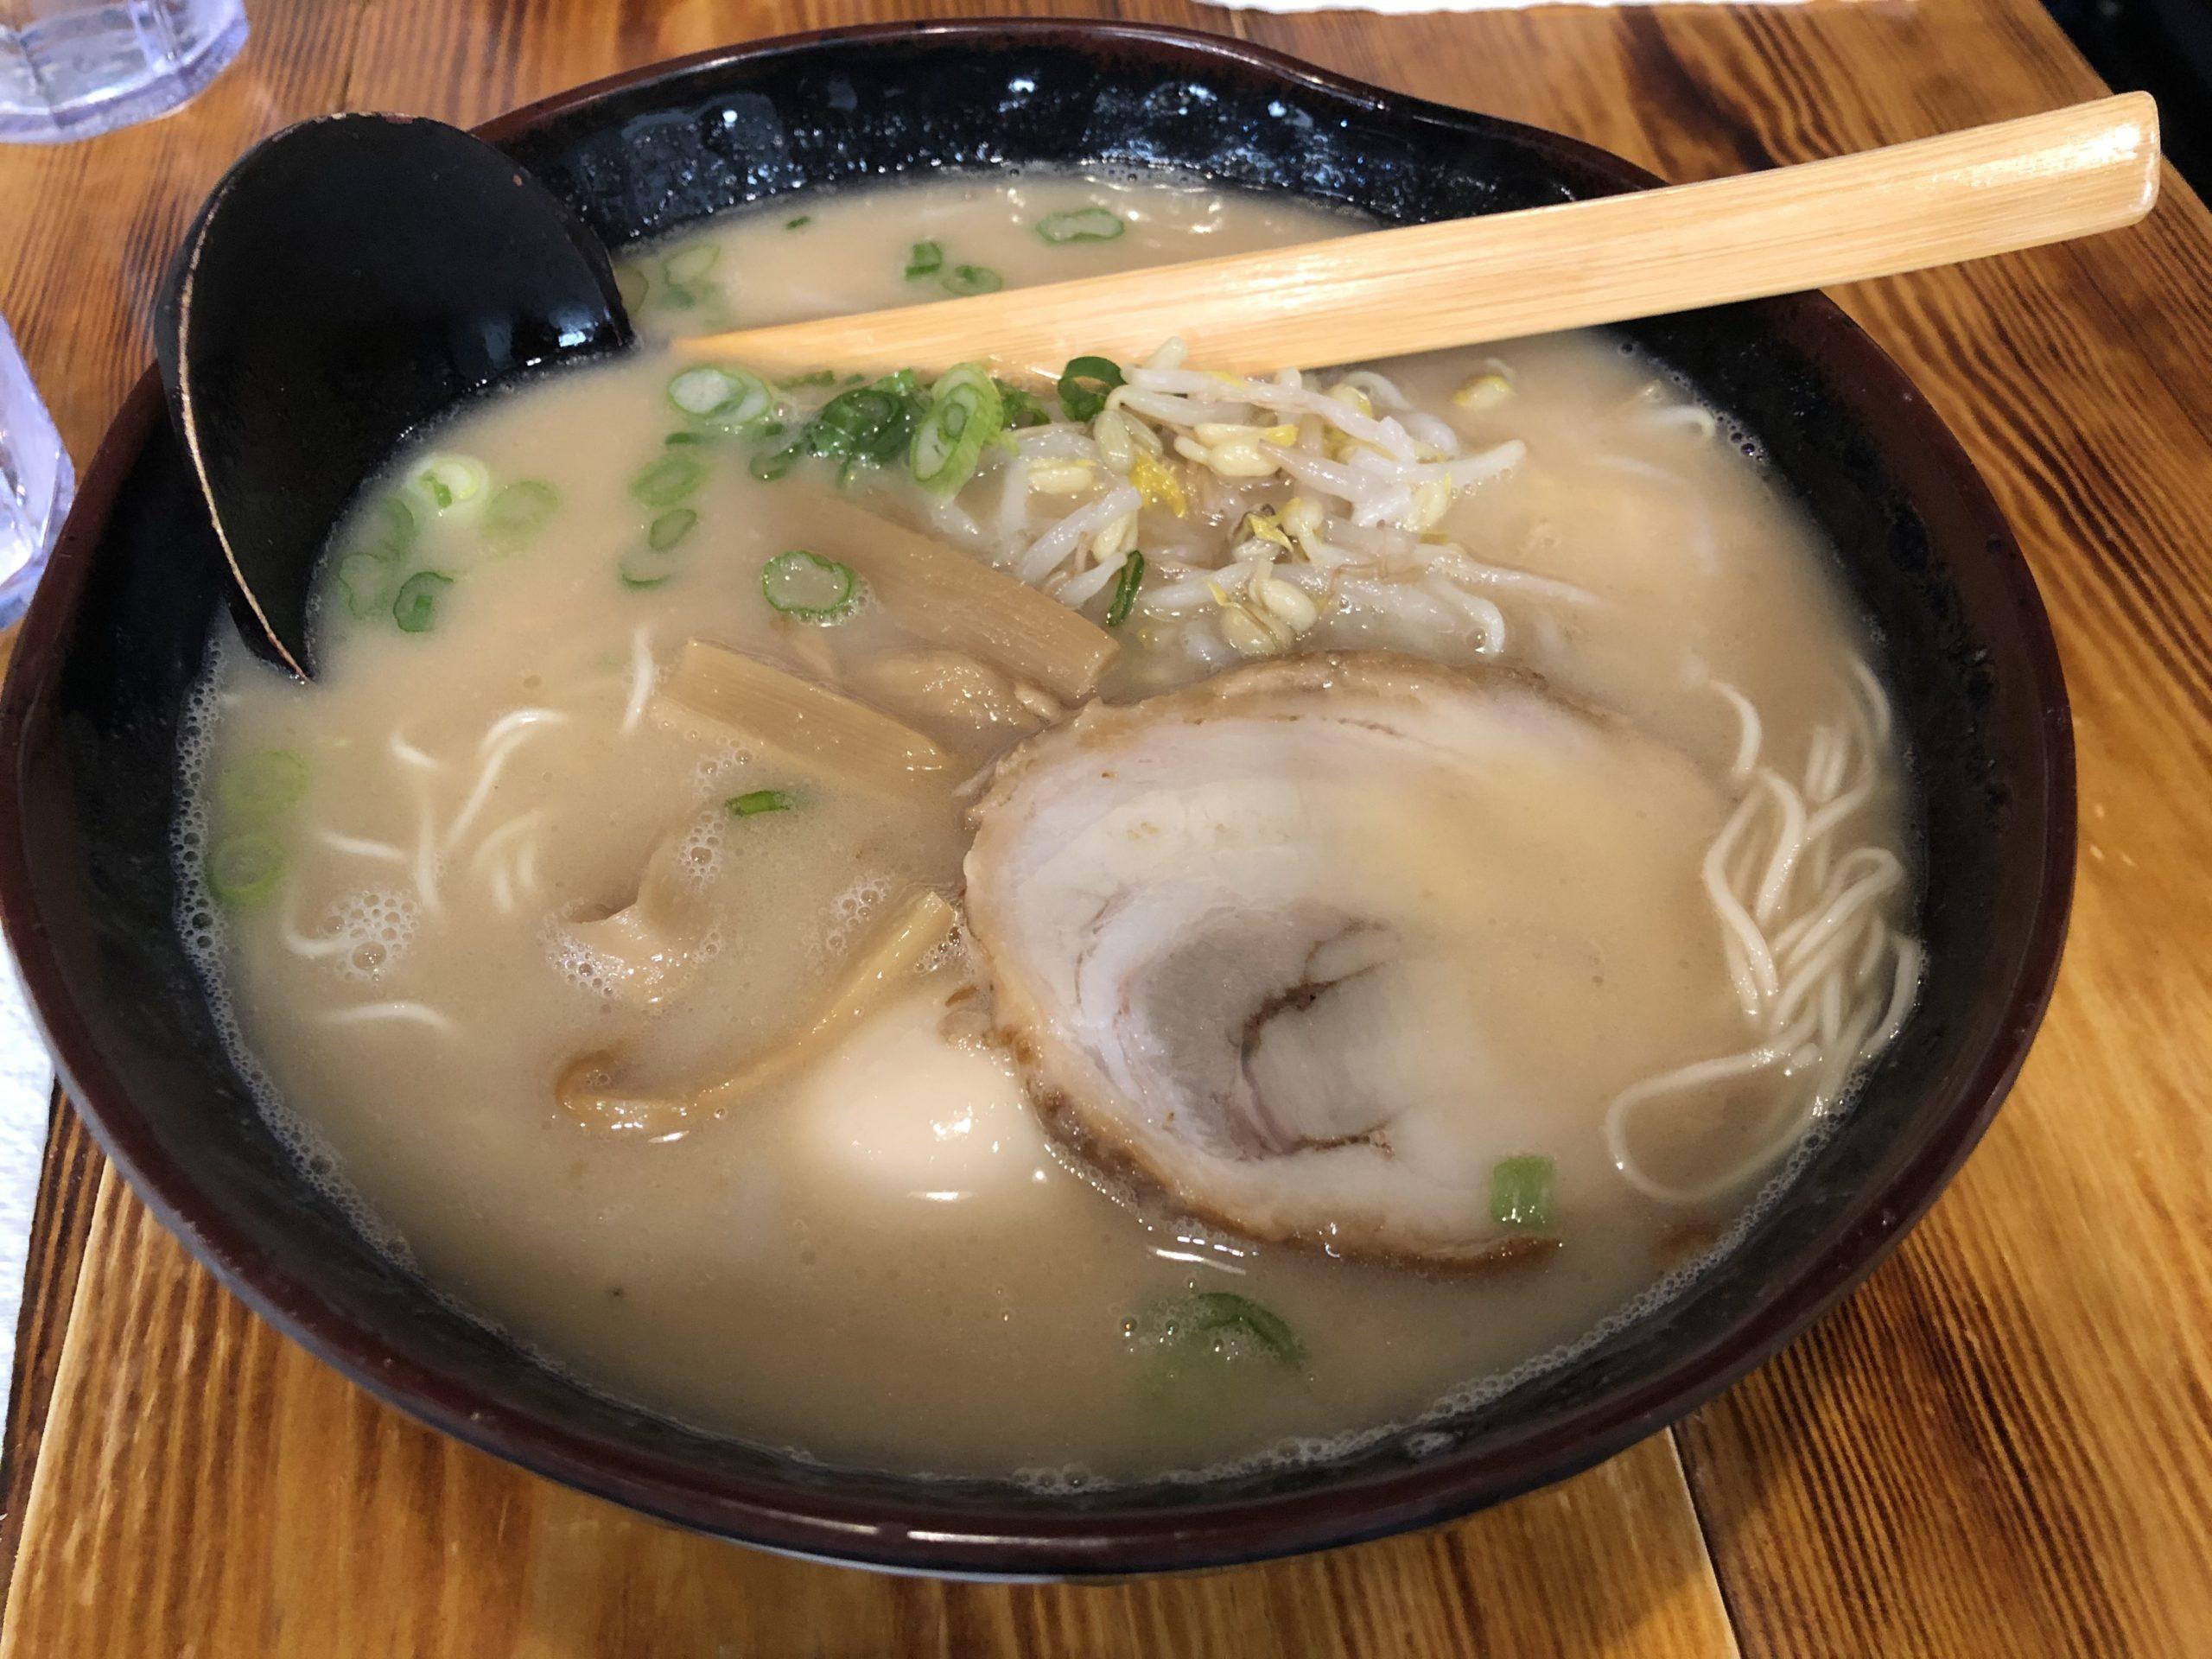 海鮮丼も美味しい!ラーメン居酒屋あきら【ホタテは北海道産】